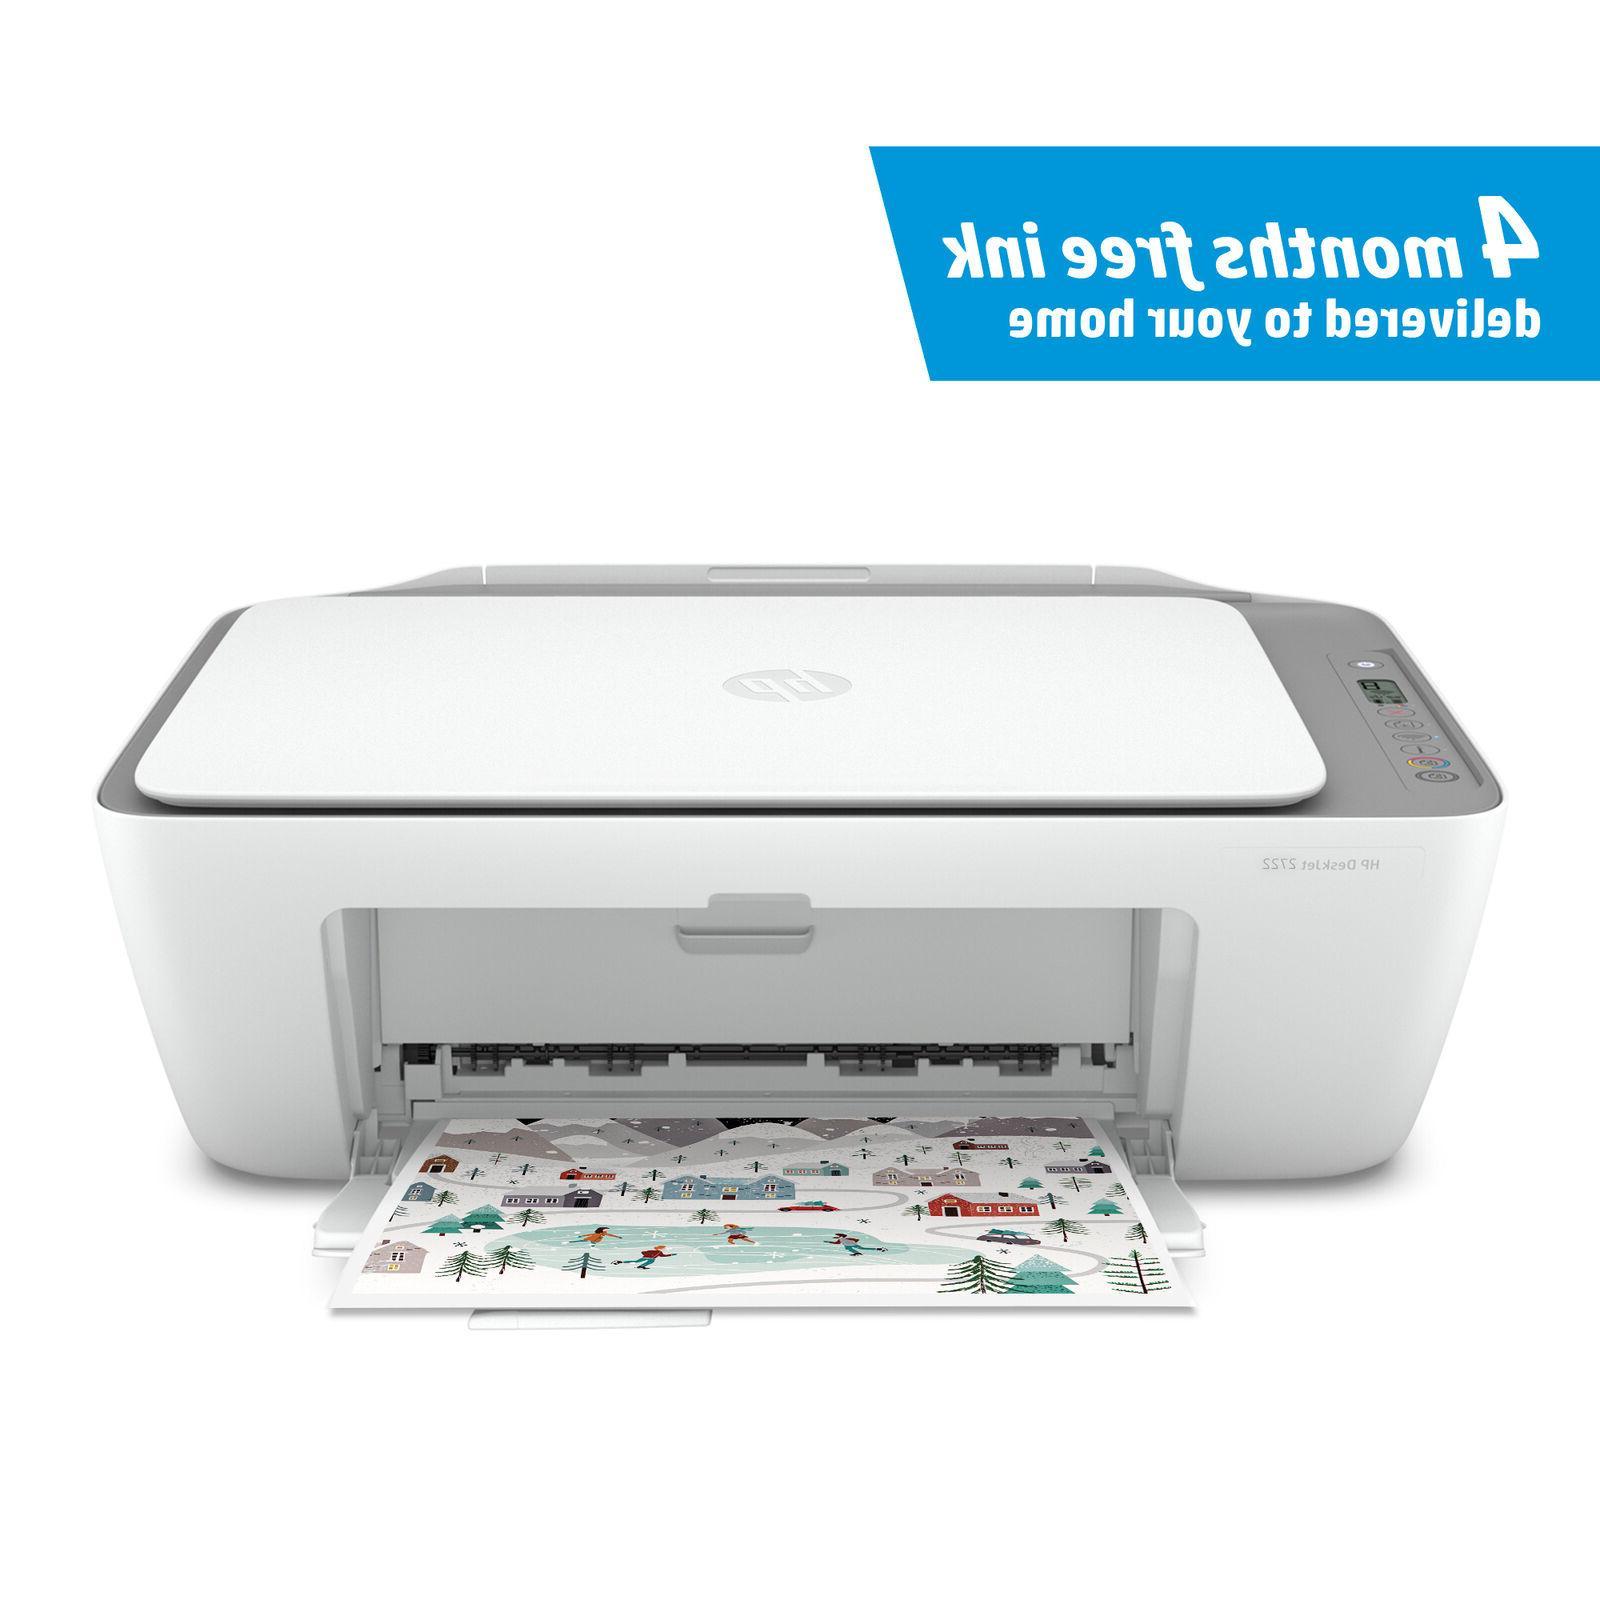 NEW HP DeskJet 2722 Printer Instant Ready